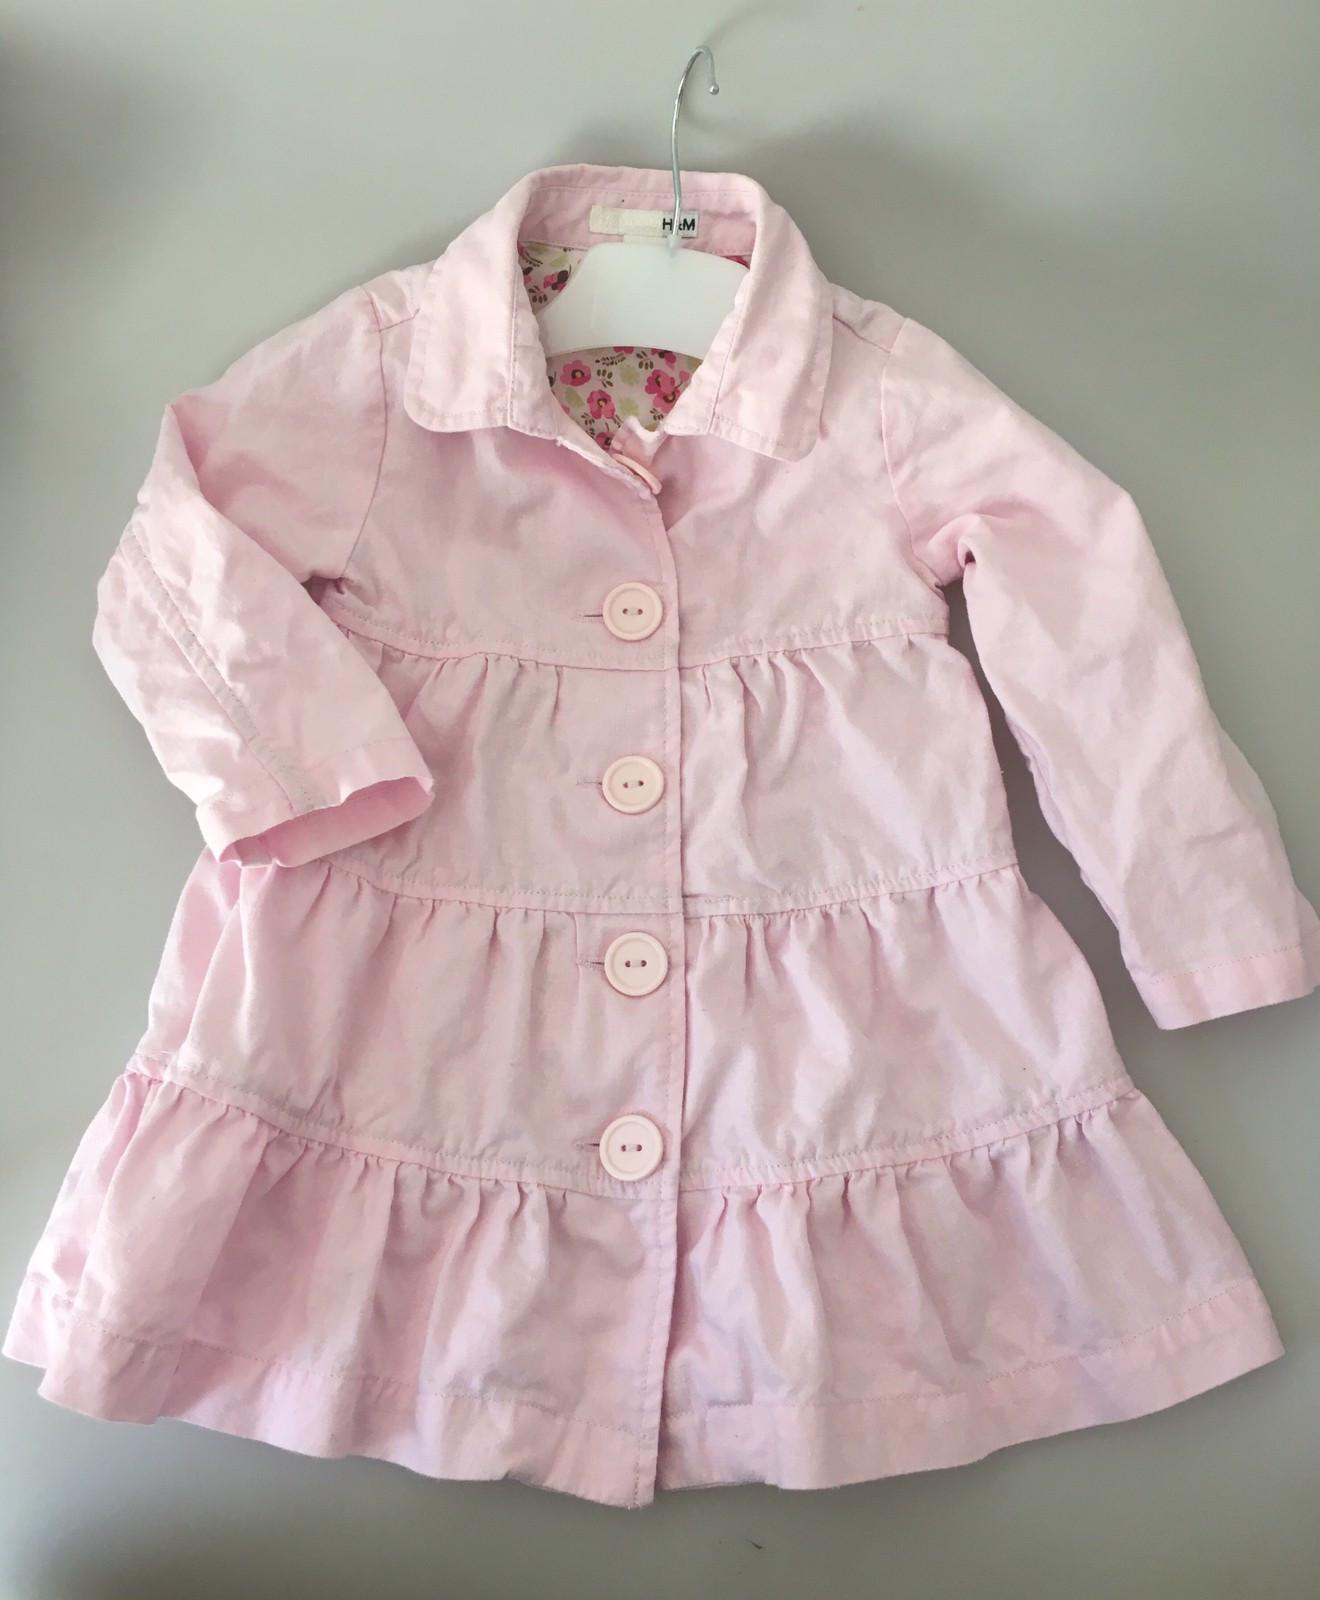 a27269c5 Søt sommerkåpe til jente fra H&M i rosa bomull Str. 1,5 - 2 år   FINN.no